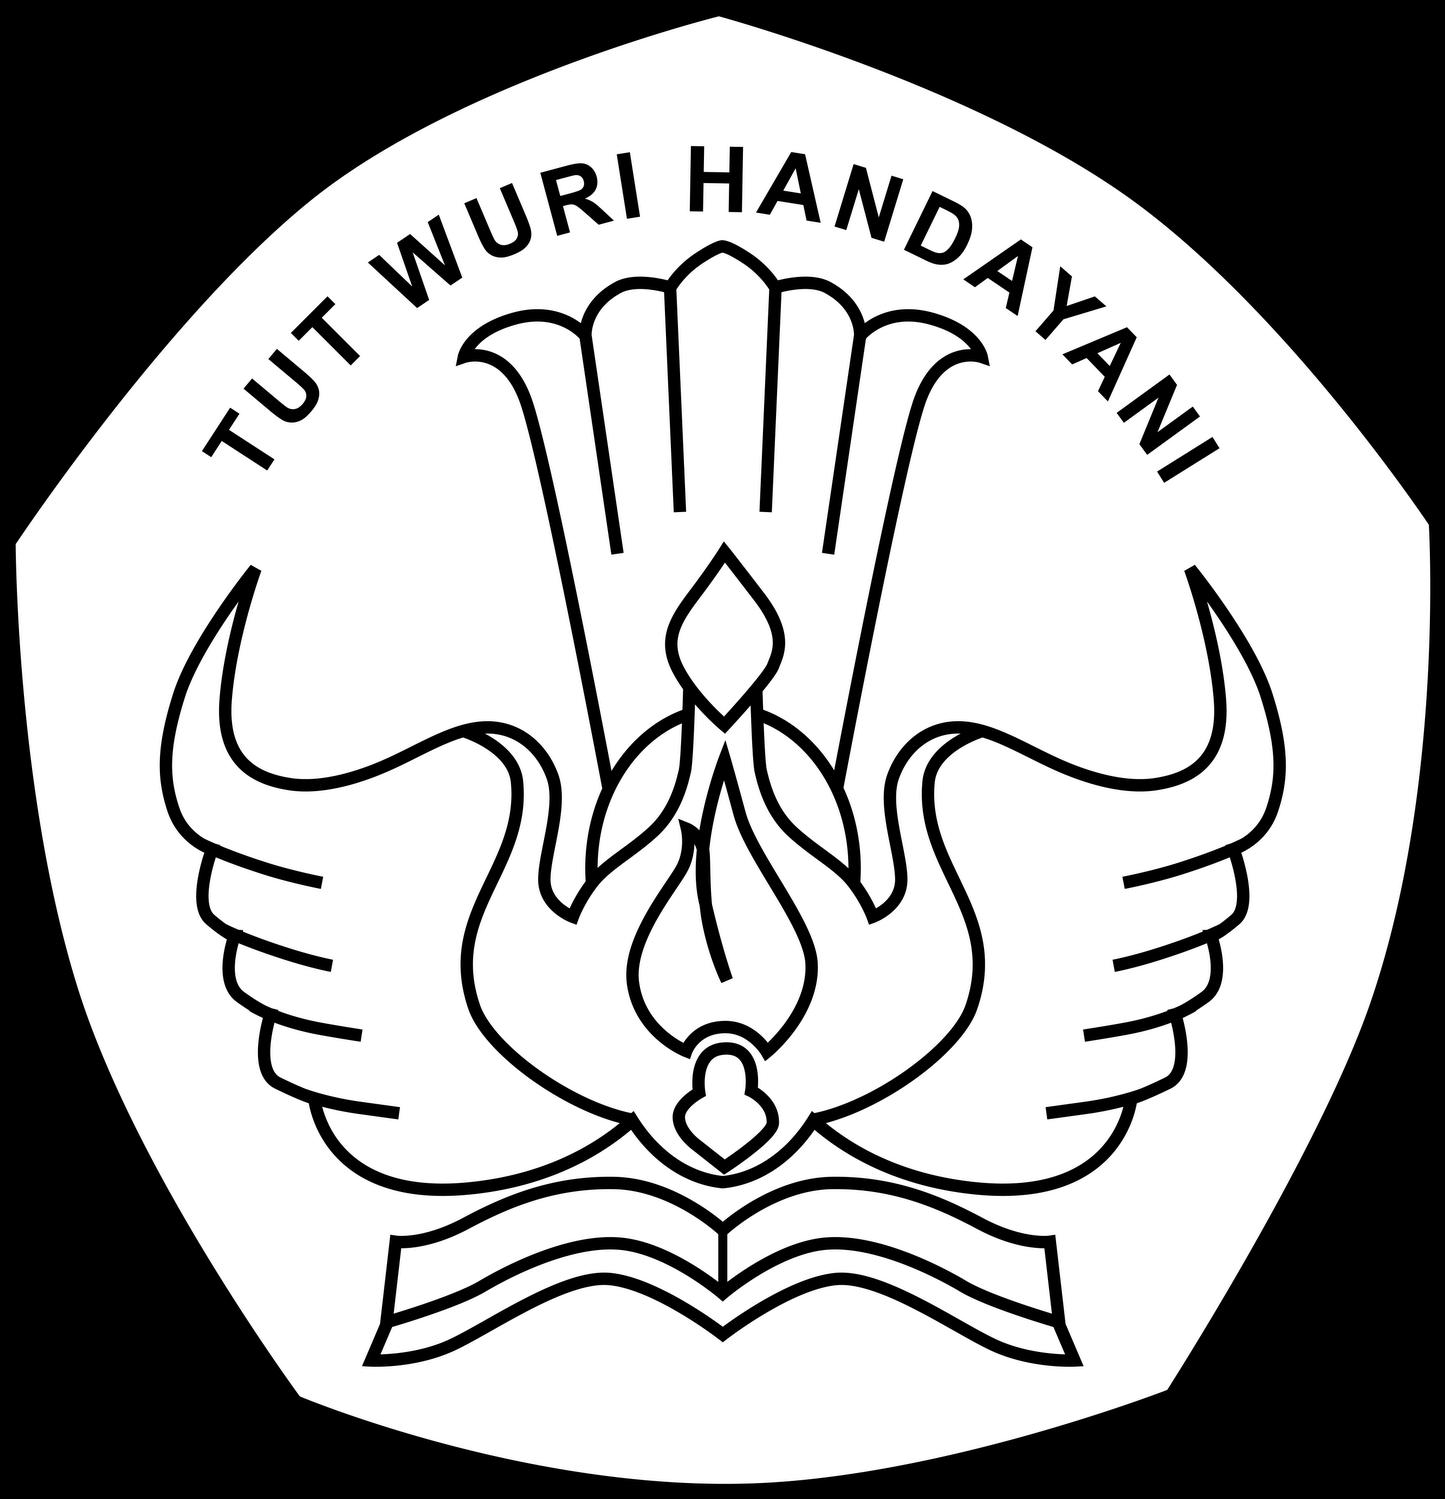 Sayap Png Logo Wuri Handayani Newhairstylesformen2014m Logo Tut Wuri Smp 4890801 Vippng